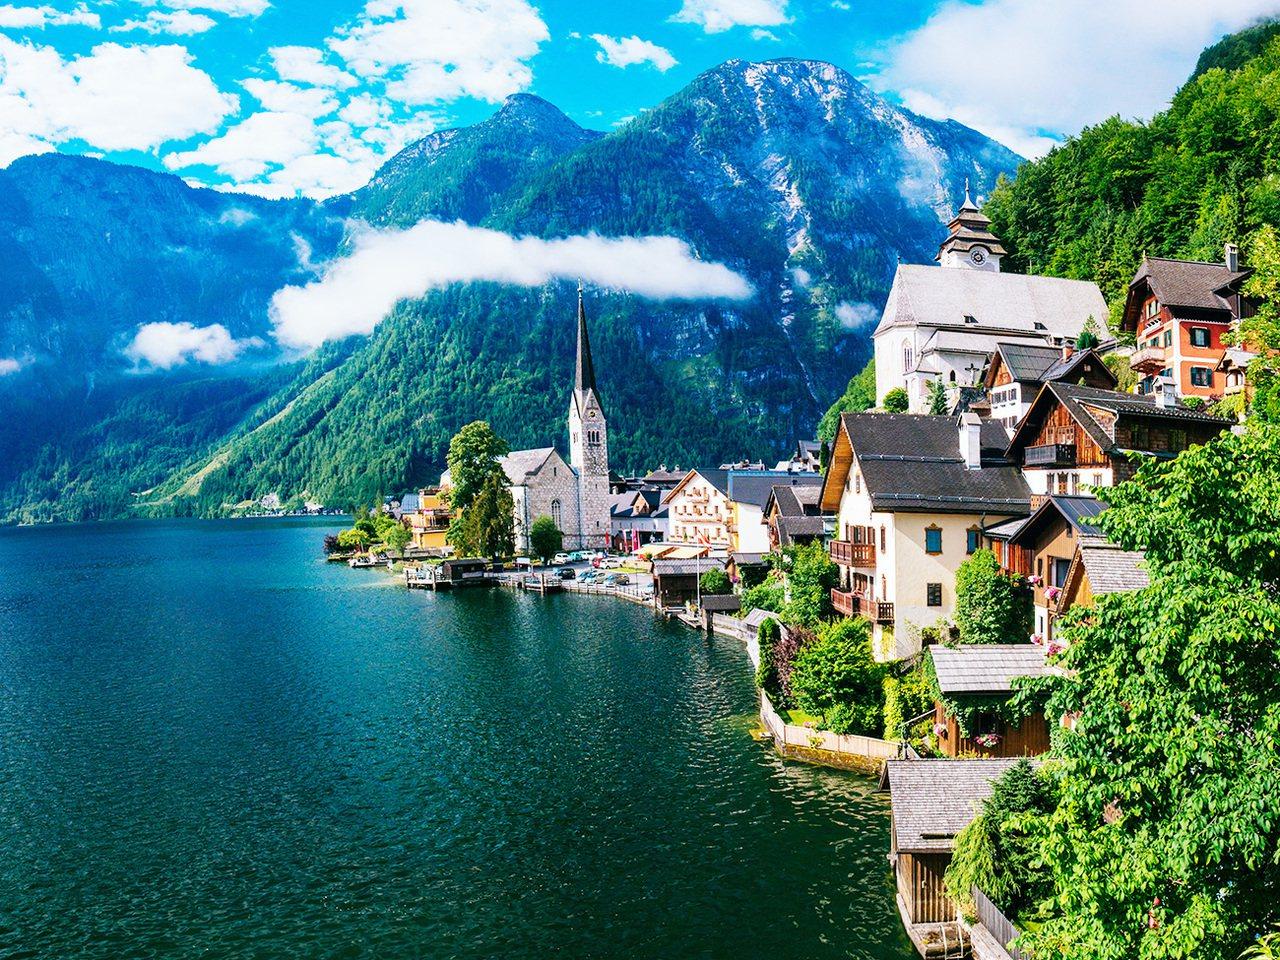 奧捷旅費相較歐洲其他地區便宜,帶動近年旅遊意願。圖/易遊網提供